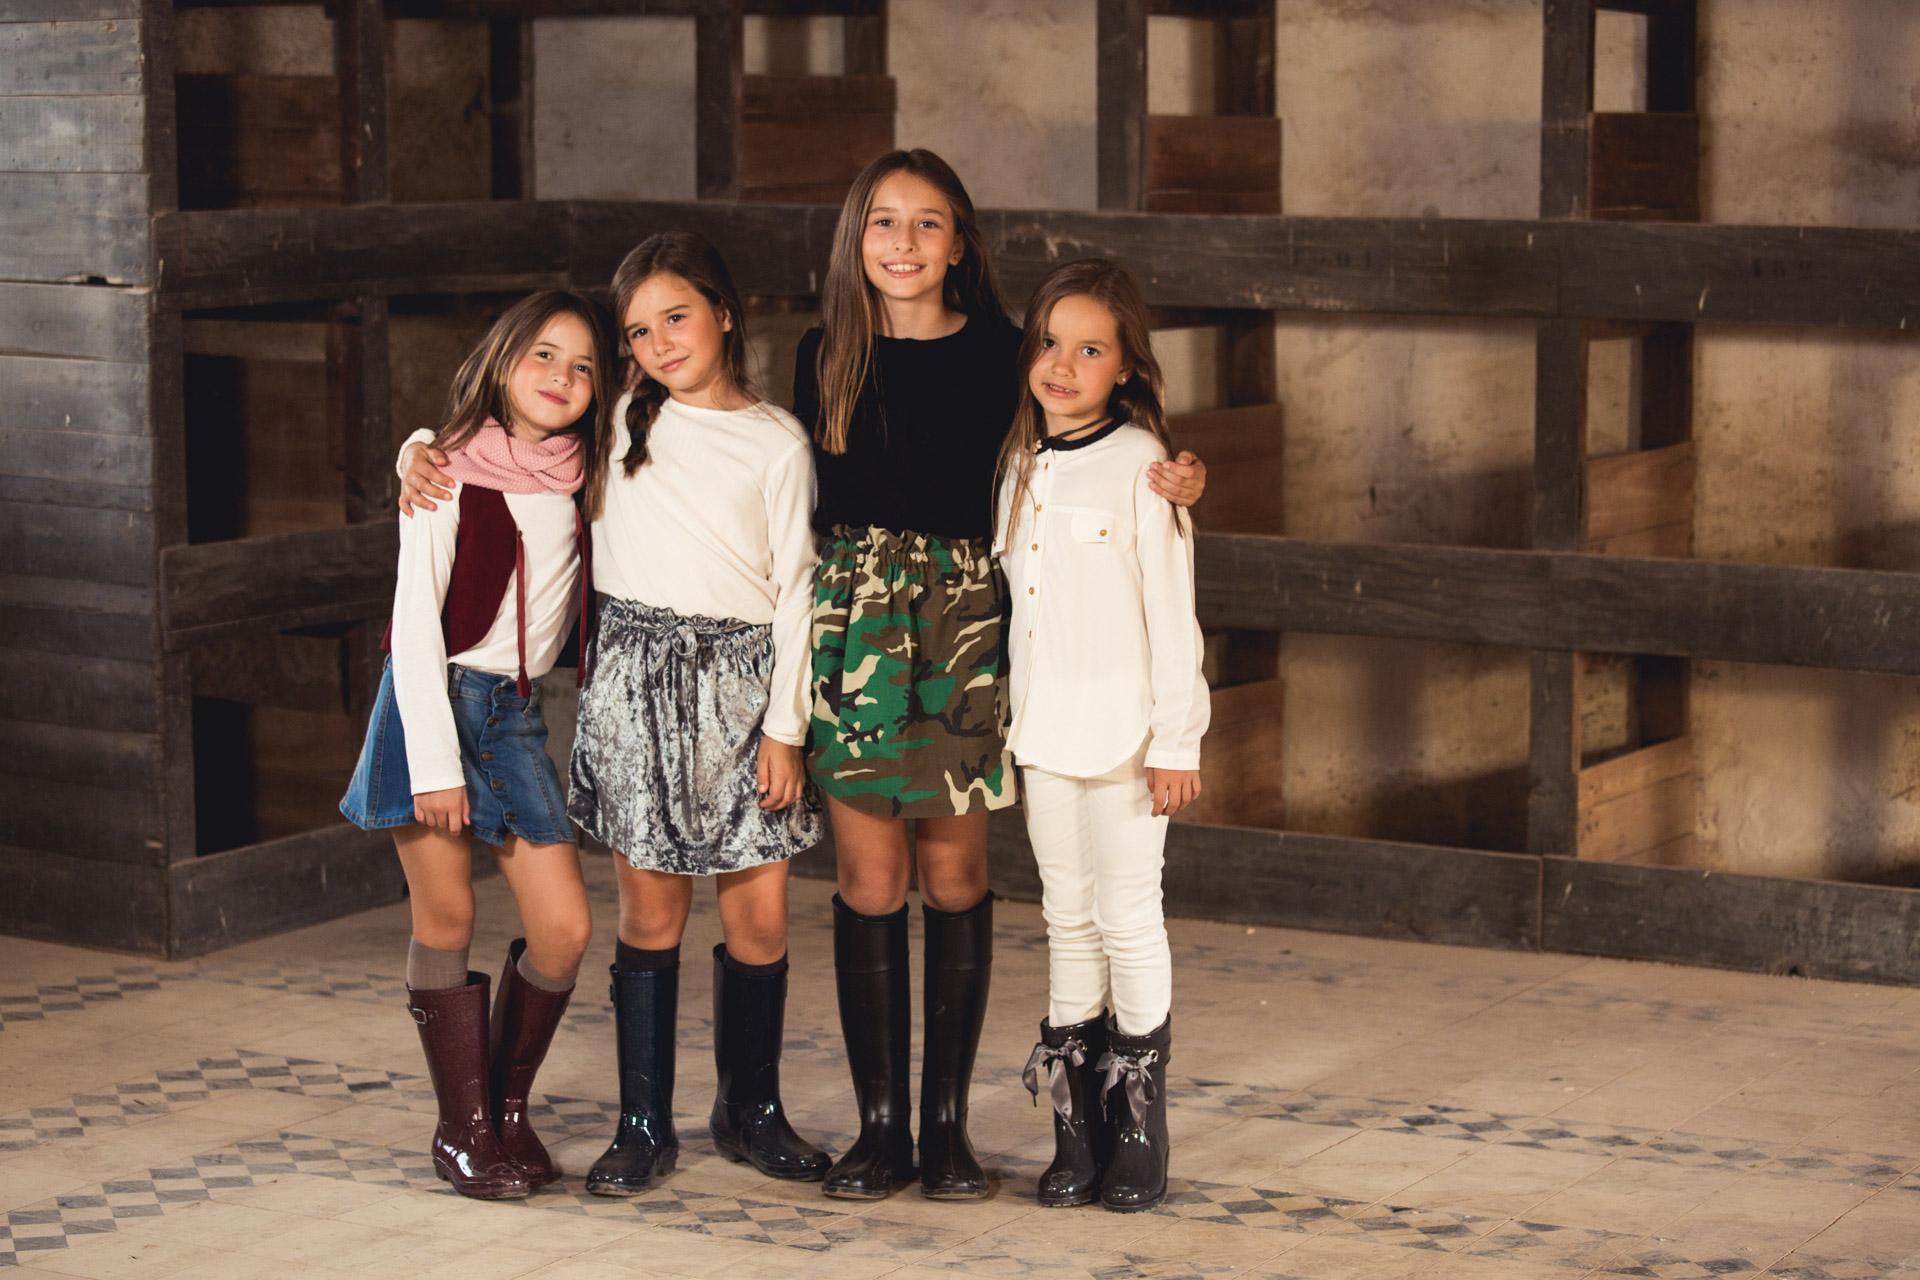 Nueva Colección calzado Otoño Invierno 2016 Pisamonas Botas lluvia niñas